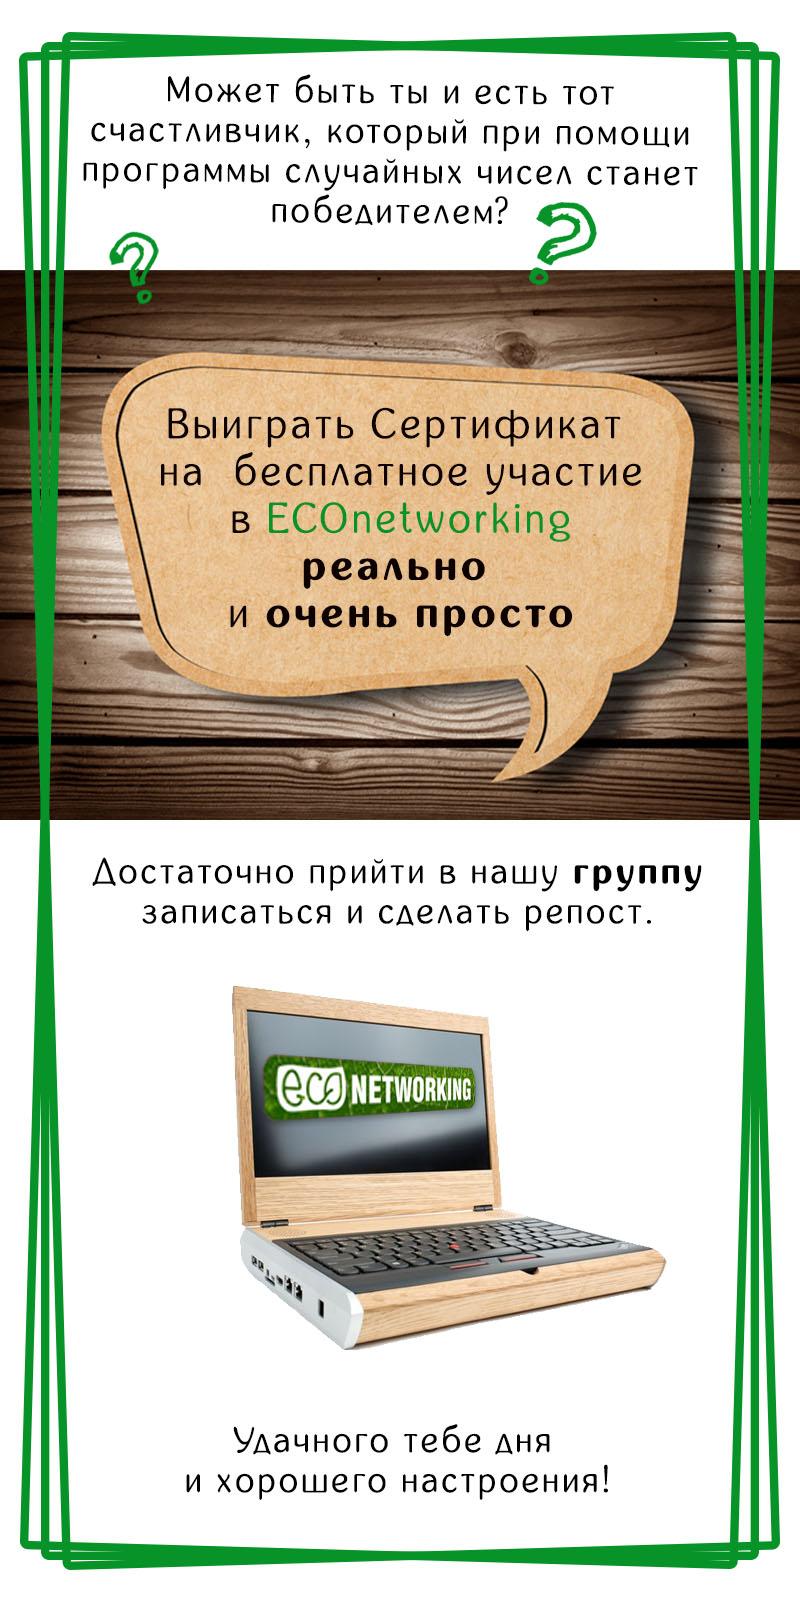 64bceec77cbab1a19b576643a8d0d5af.jpg